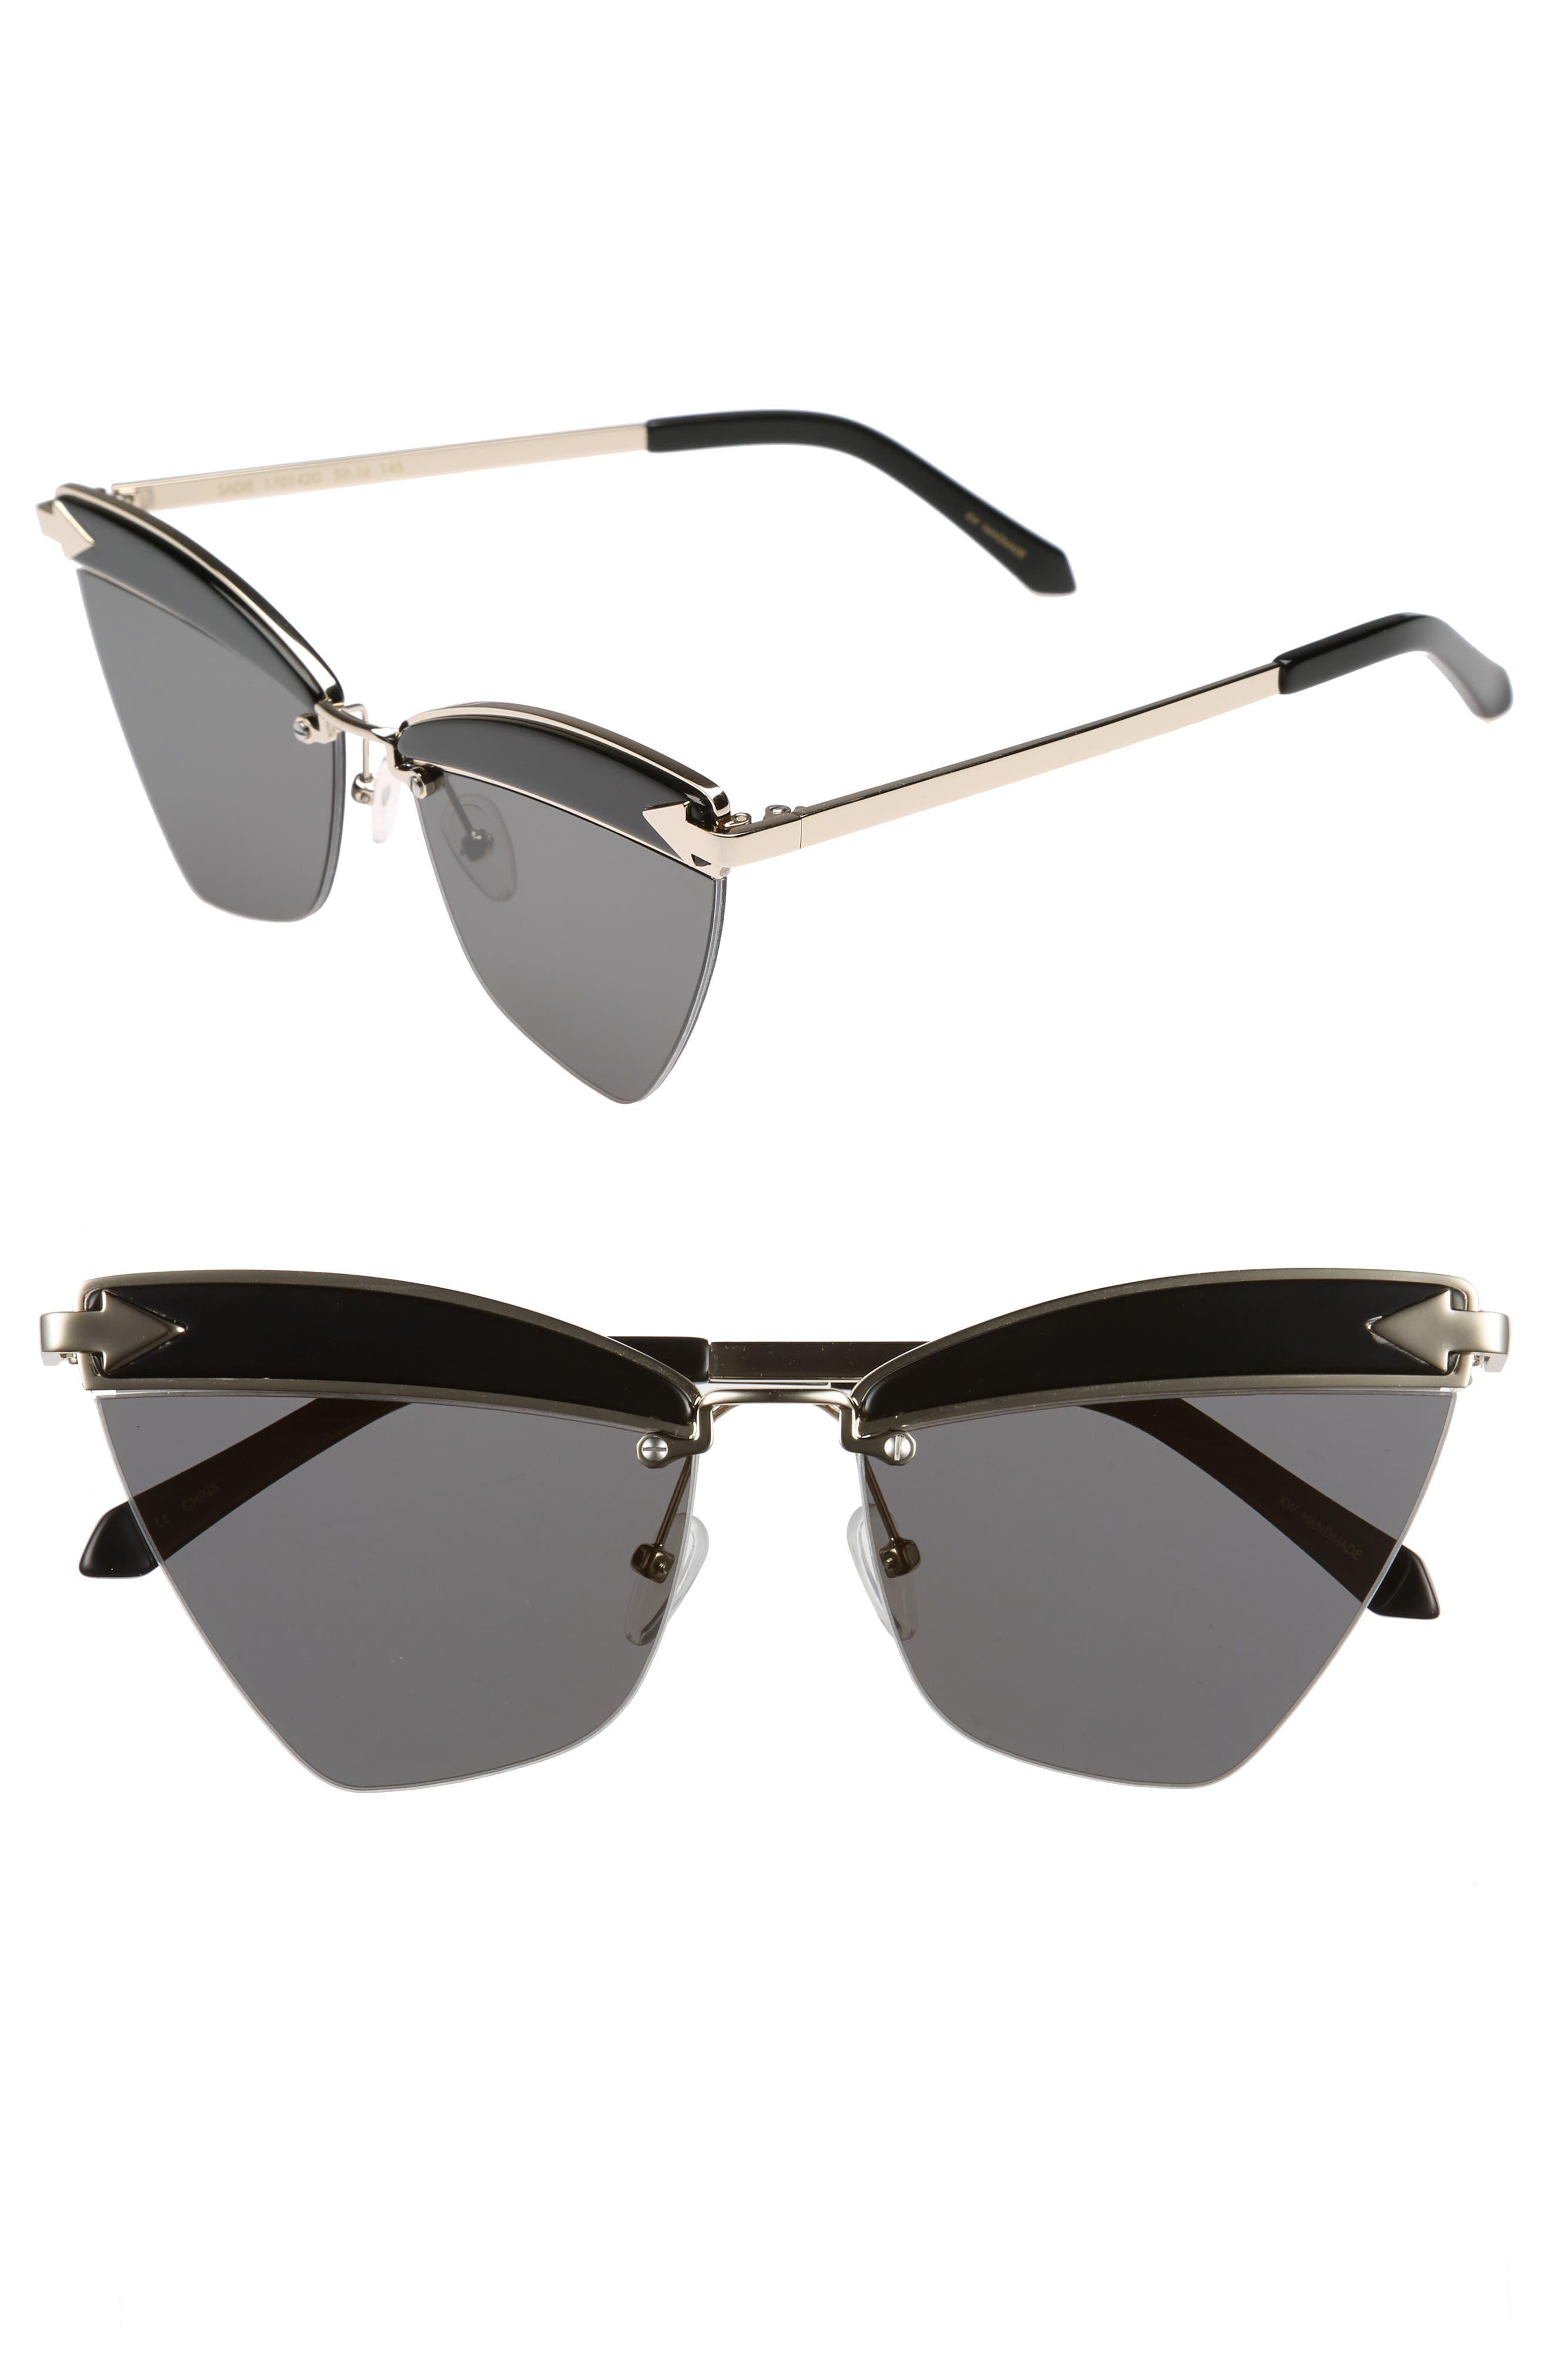 Sadie 59mm Sunglasses,                             Main thumbnail 1, color,                             Black